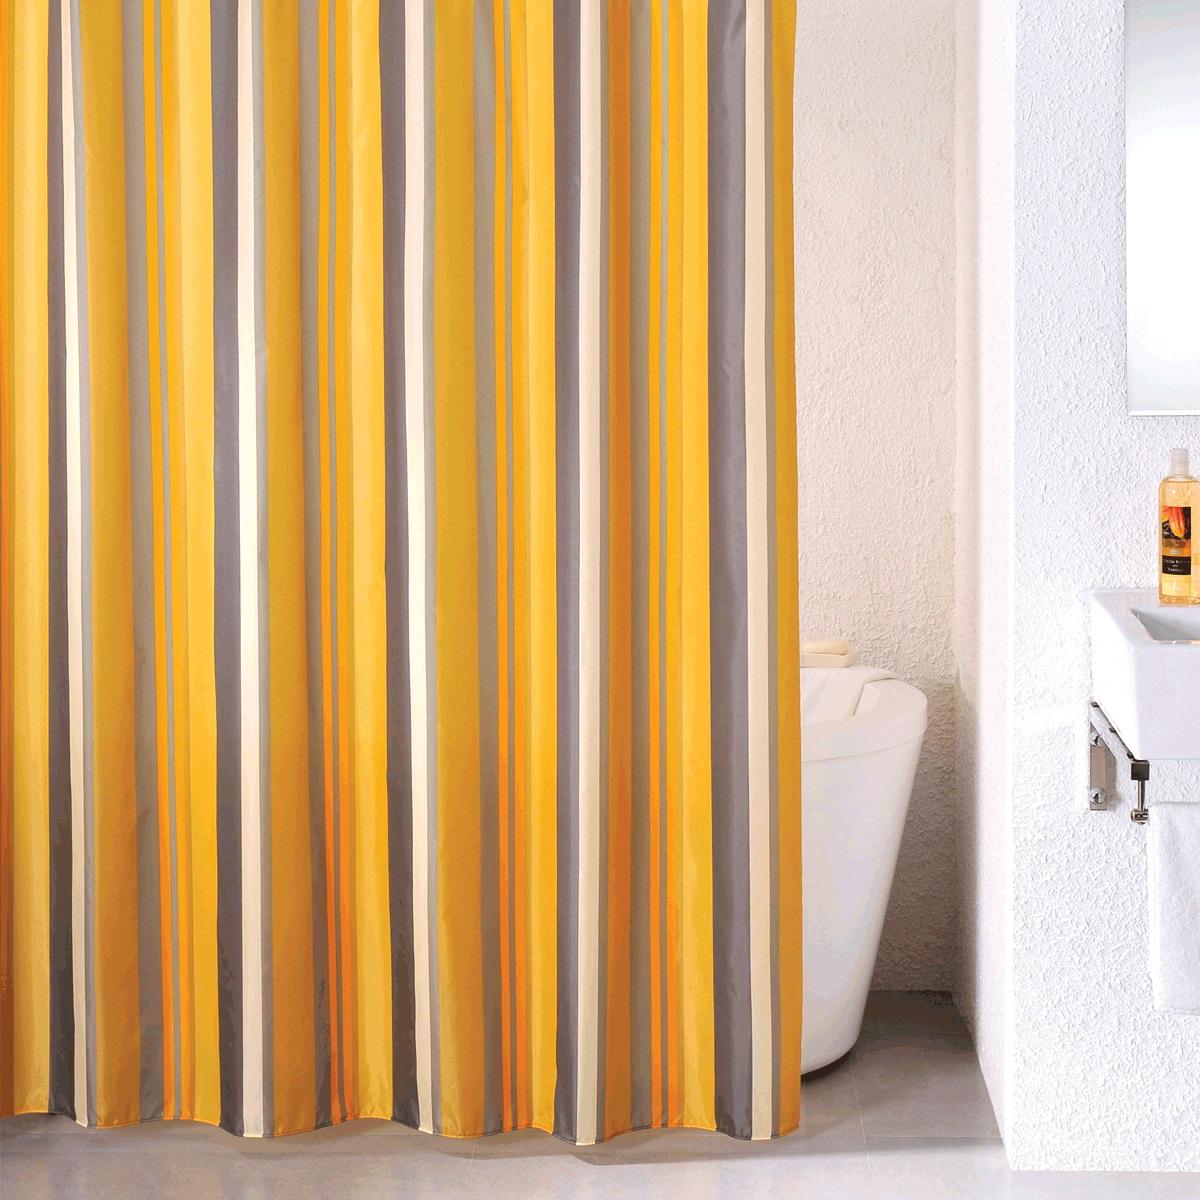 Штора для ванной Milardo Quiet Stripes, цвет: оранжевый, 180 x 200 см710P180M11материал: текстиль, 100% полиэстер, водоотталкивающая пропитка, упаковка ПВХ пакет, плотность 90 г/м, 12 металлических люверсов, 12 колец в комплекте